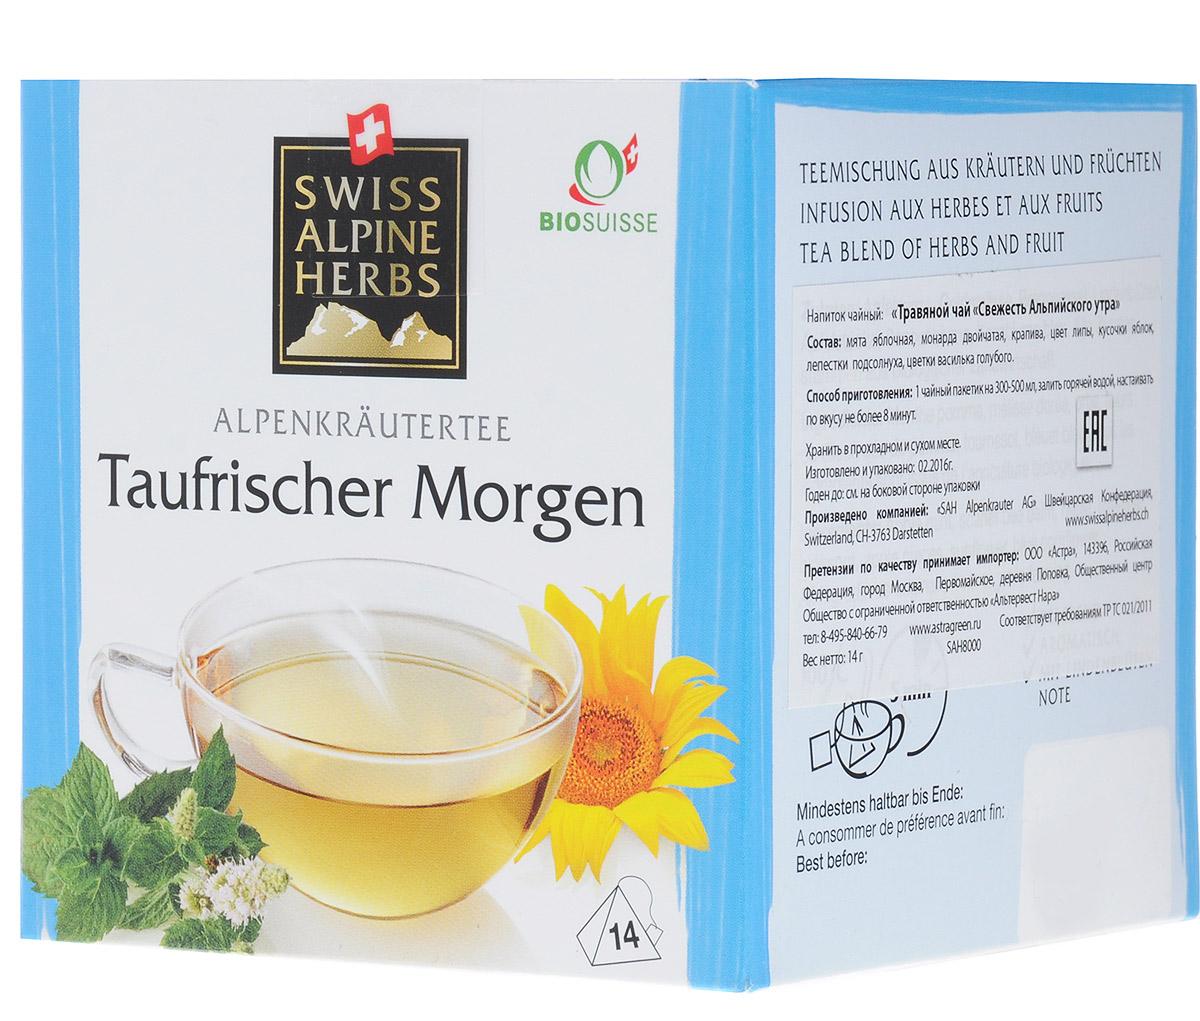 Swiss Alpine Herbs Свежесть альпийского утра травяной чай в пакетиках, 14 штSAH8000Swiss Alpine Herbs Свежесть альпийского утра - это вкусный, бодрящий и тонизирующий напиток. В его состав входят альпийские травы: мята яблочная, двойчатая монарда, крапива, цветки липы, кусочки яблок, лепестки подсолнечника и цветки голубого василька. Не просто вкусный, но и очень полезный чай обеспечит ваш организм нужными витаминами.Всё о чае: сорта, факты, советы по выбору и употреблению. Статья OZON Гид